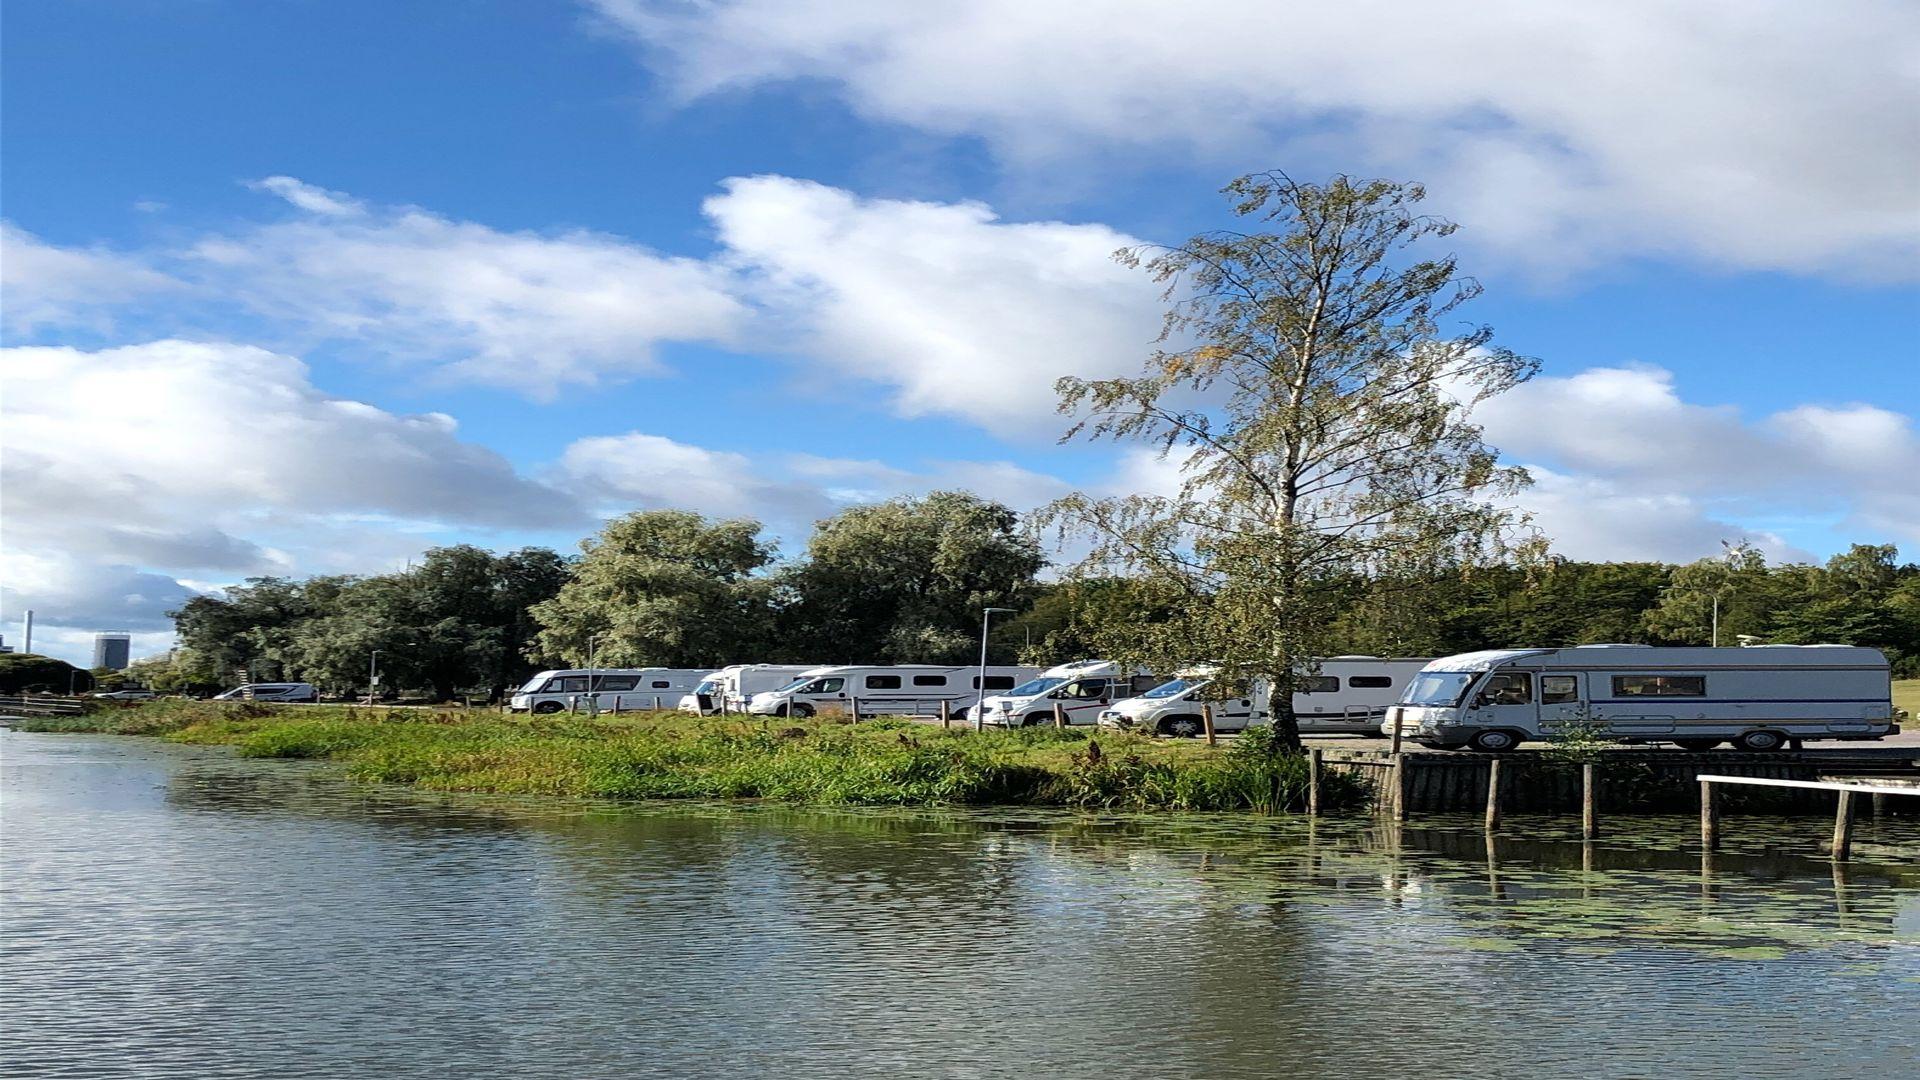 Utsikt över ställplatserna i hamnen. Fotograf: Pressbild